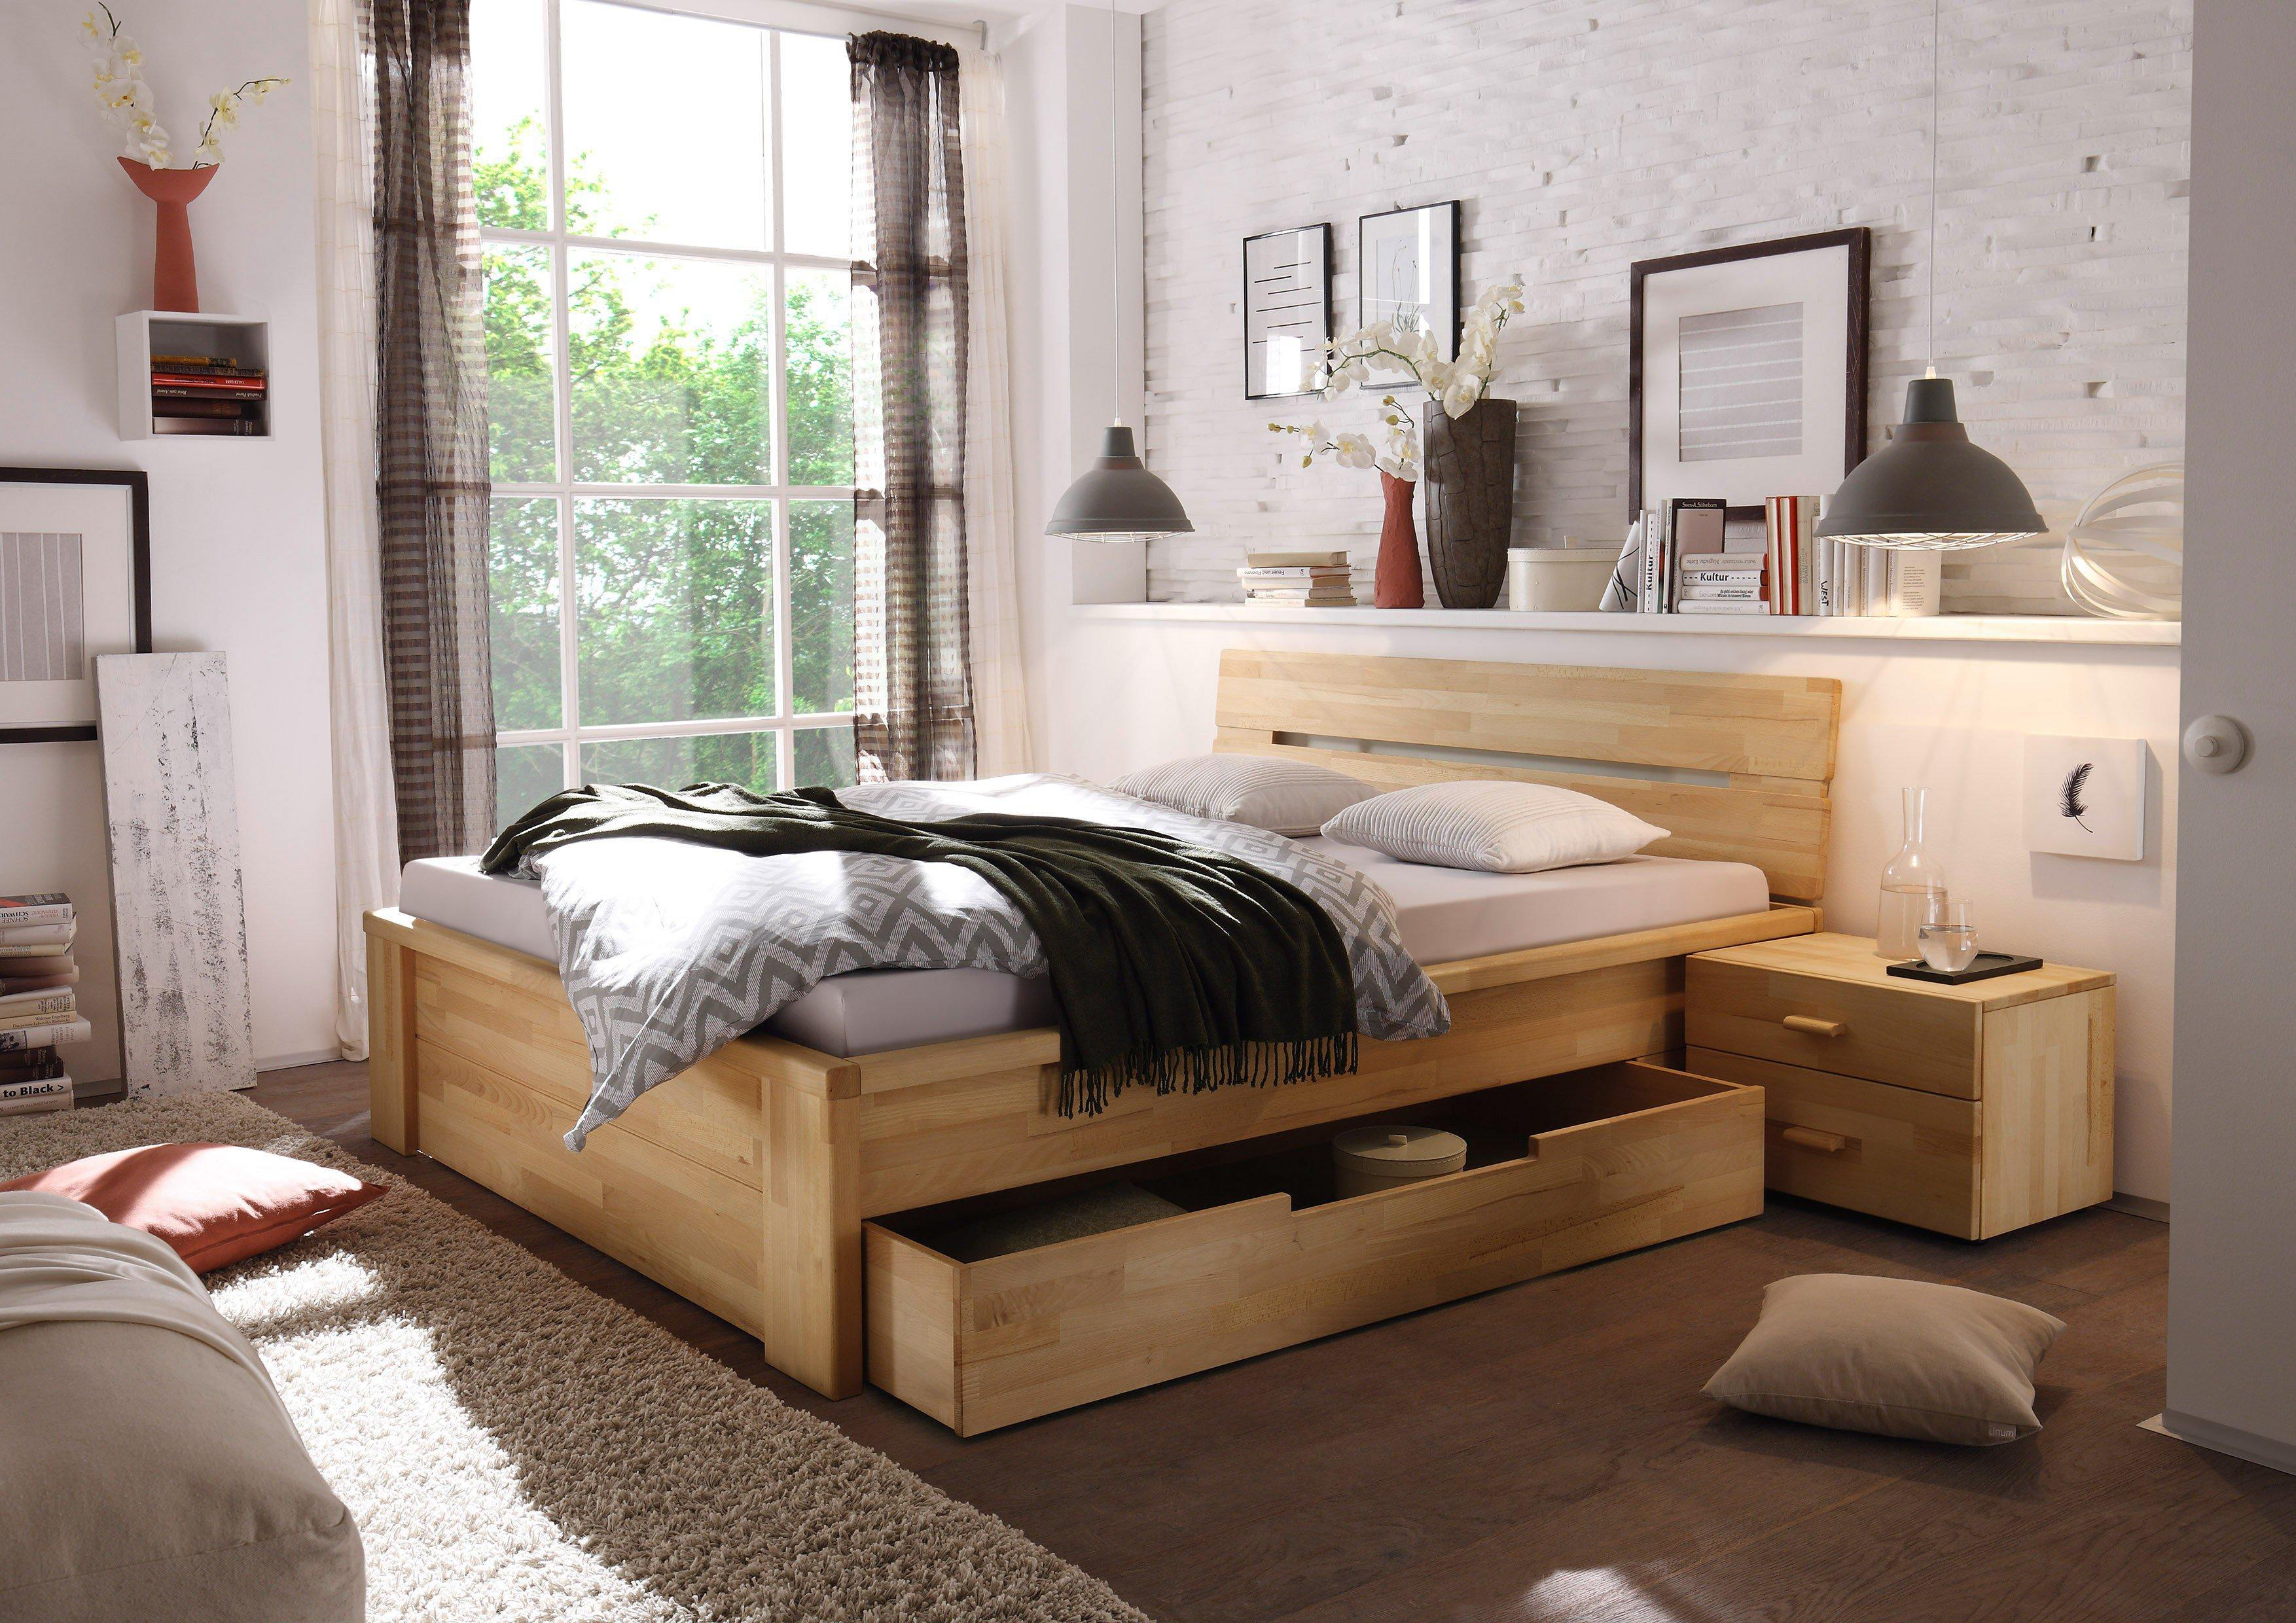 woodlive cassetta bett kernbuche natur m bel letz ihr online shop. Black Bedroom Furniture Sets. Home Design Ideas